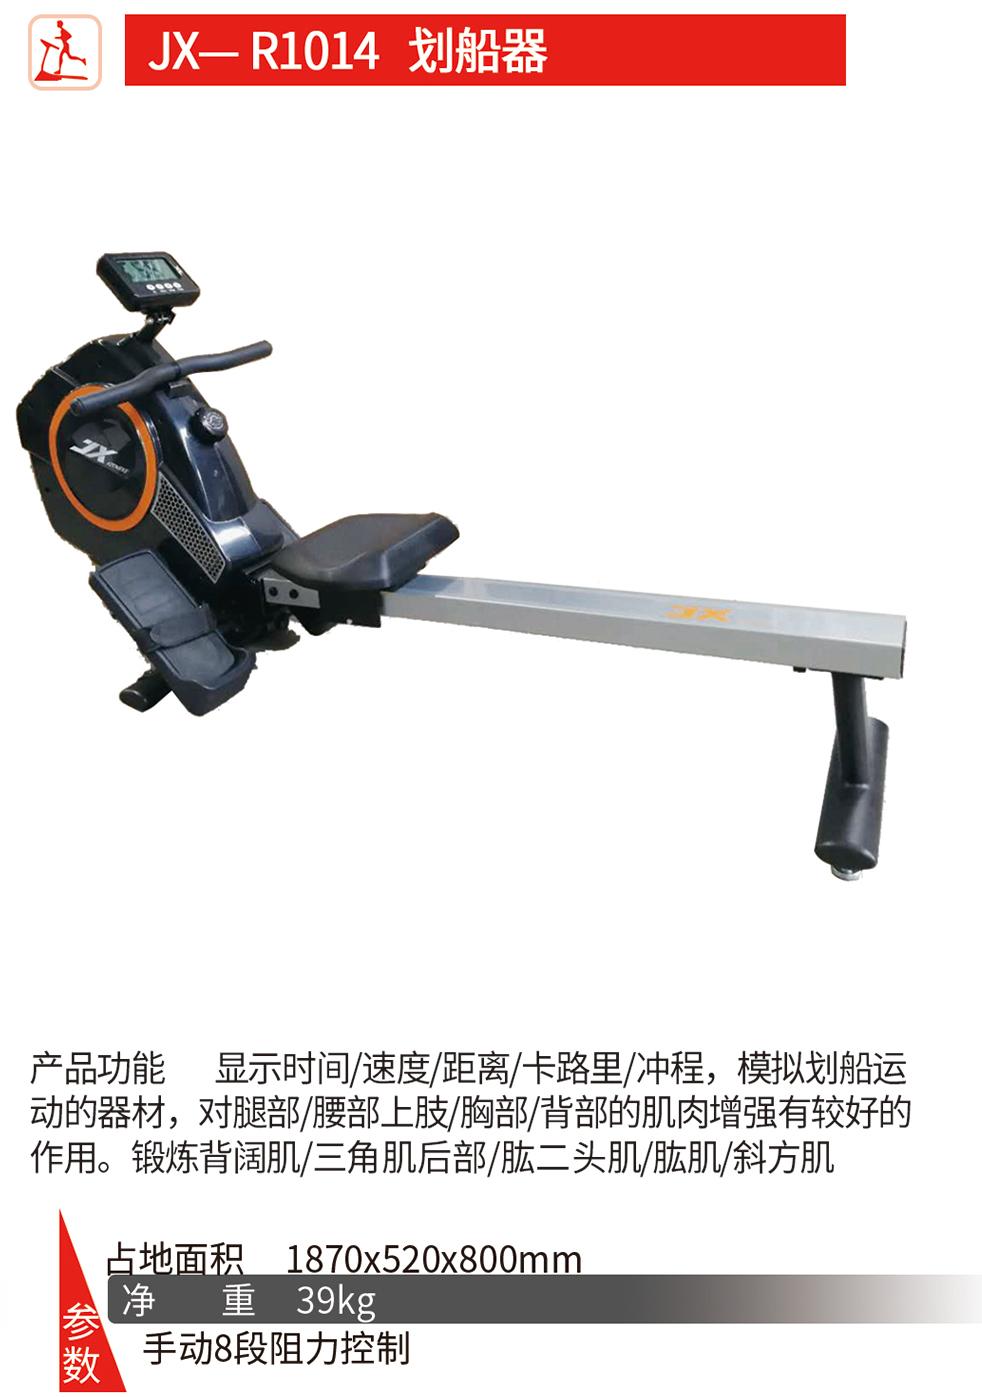 JX-R1014划船器